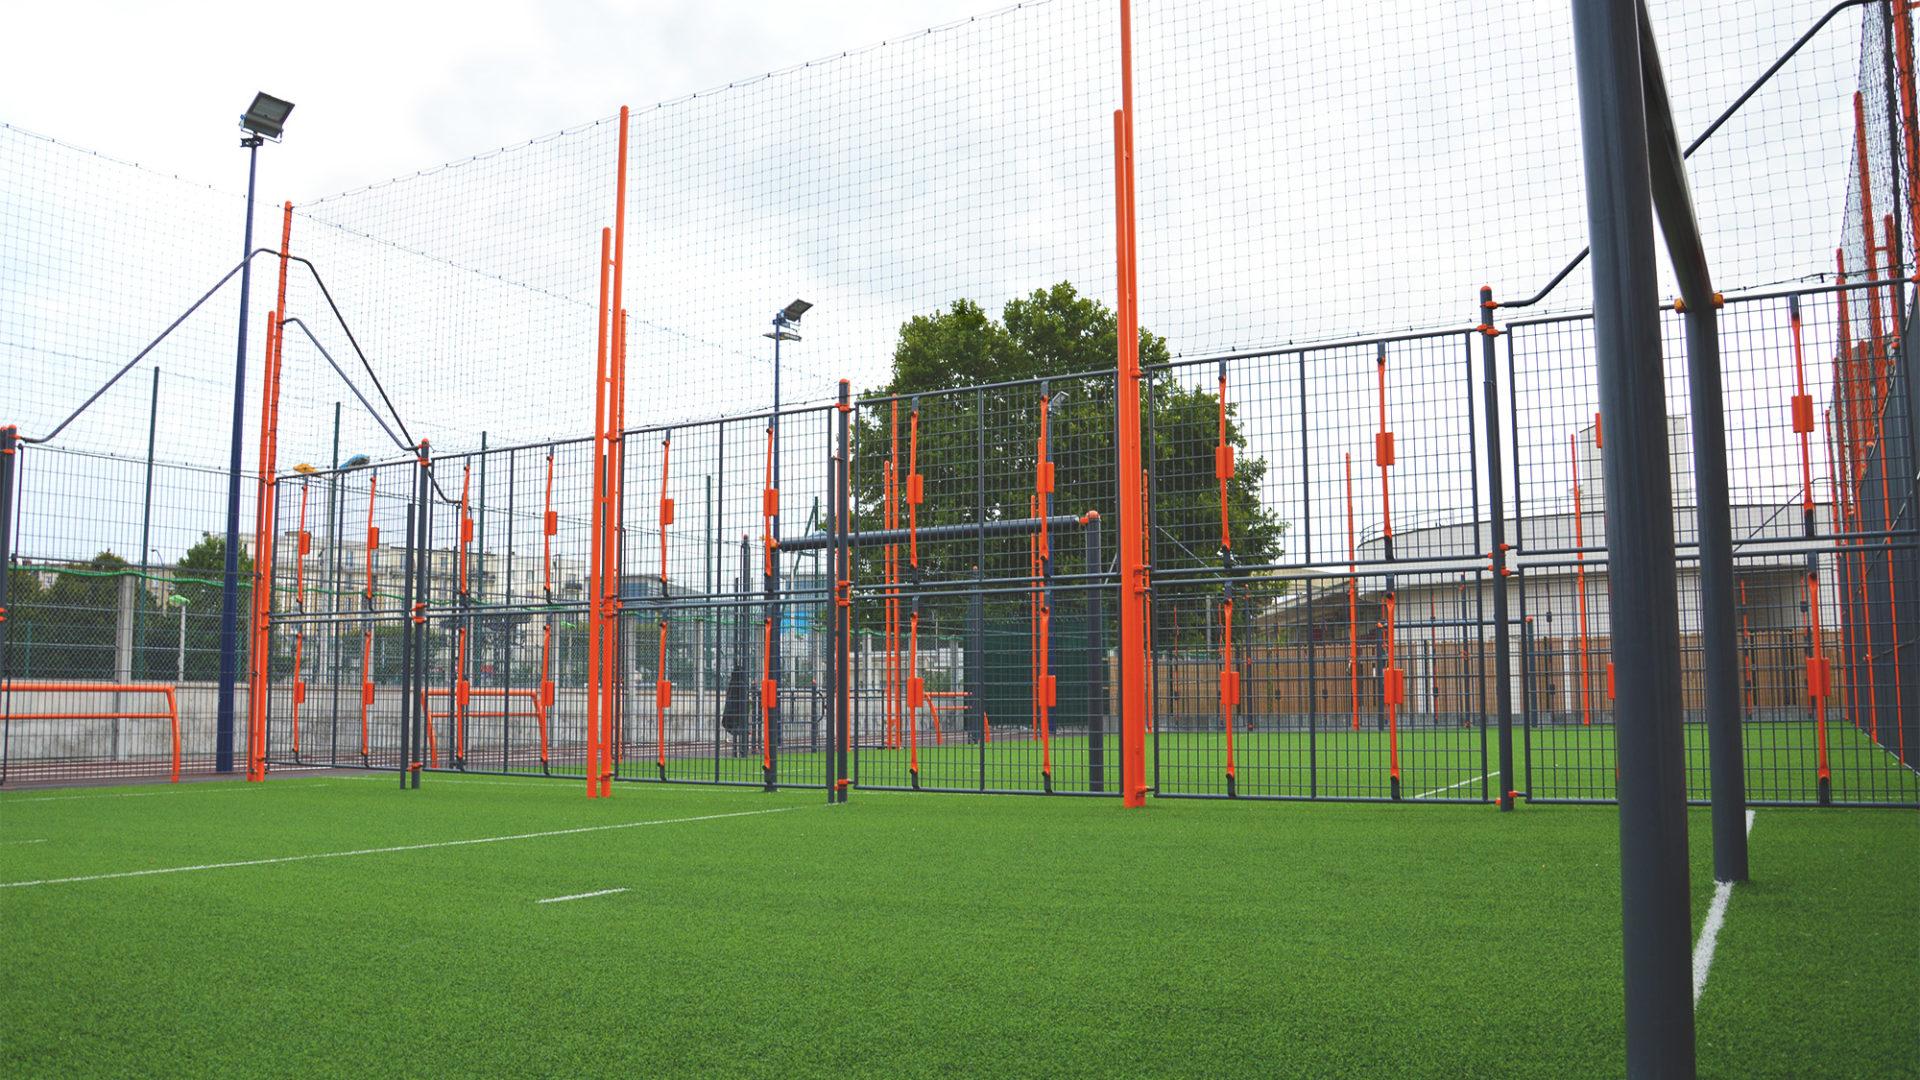 Terrain multisport sur gazon synthétique sablé avec filet pare-ballon et lignes de jeu à Drancy